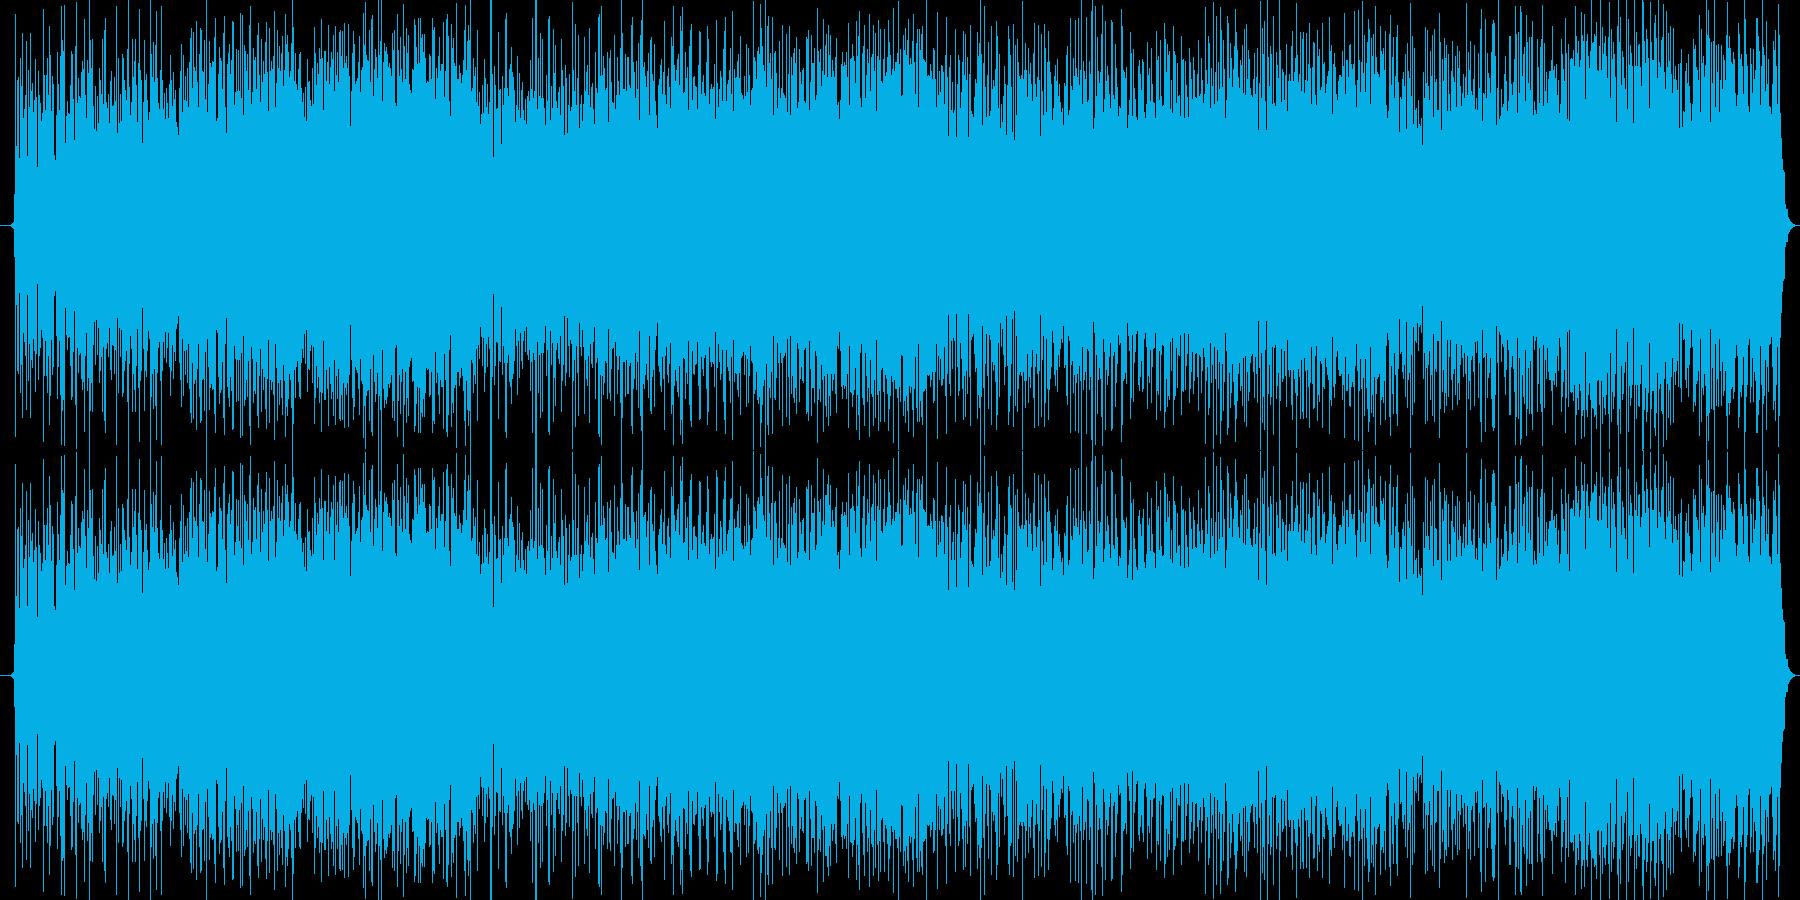 アラート音_01(シンセ音)の再生済みの波形